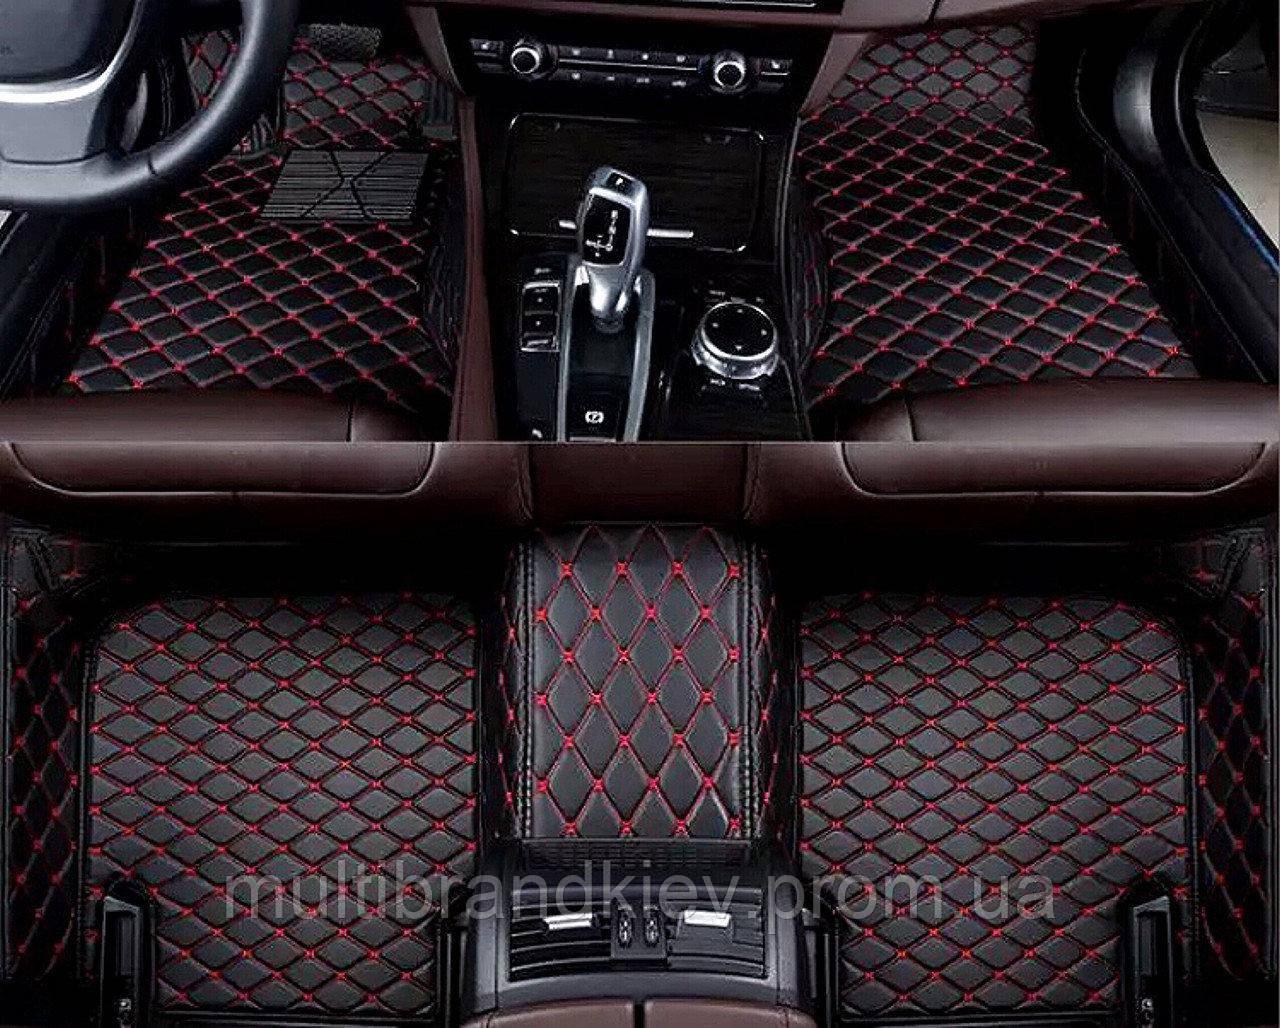 Коврики Комплект Салон Audi A6 C7 2012-